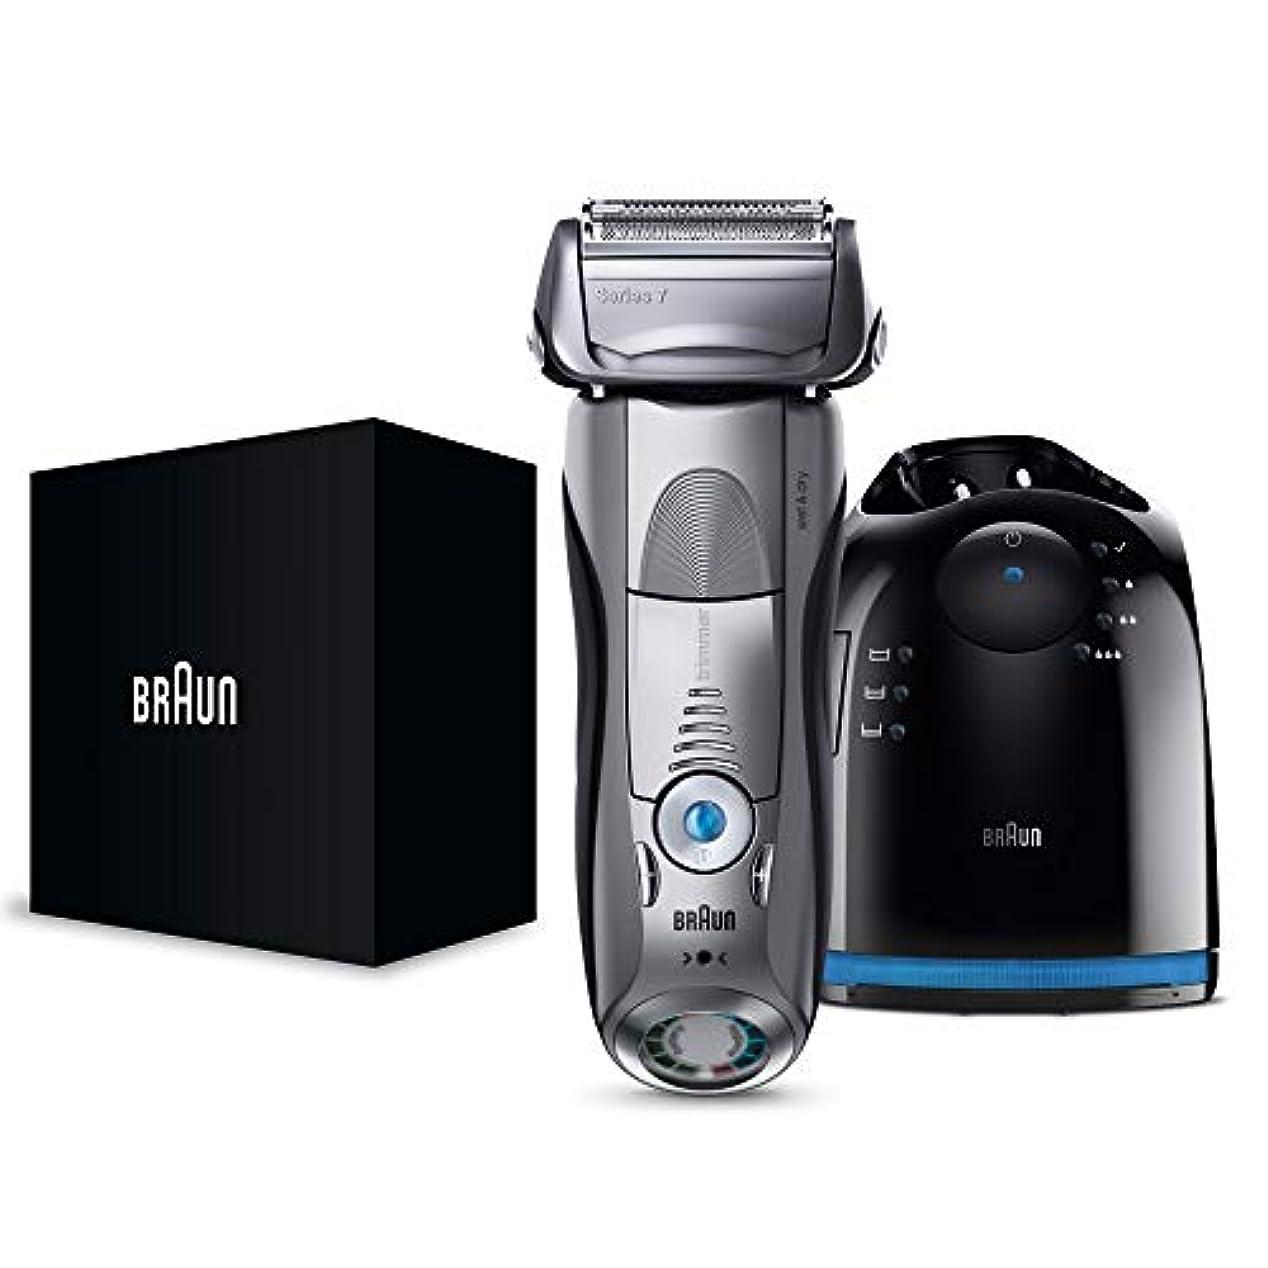 ドリンクオープニング促すブラウン メンズ電気シェーバー シリーズ7 7897cc 4カットシステム 洗浄機付 水洗い/お風呂剃り可